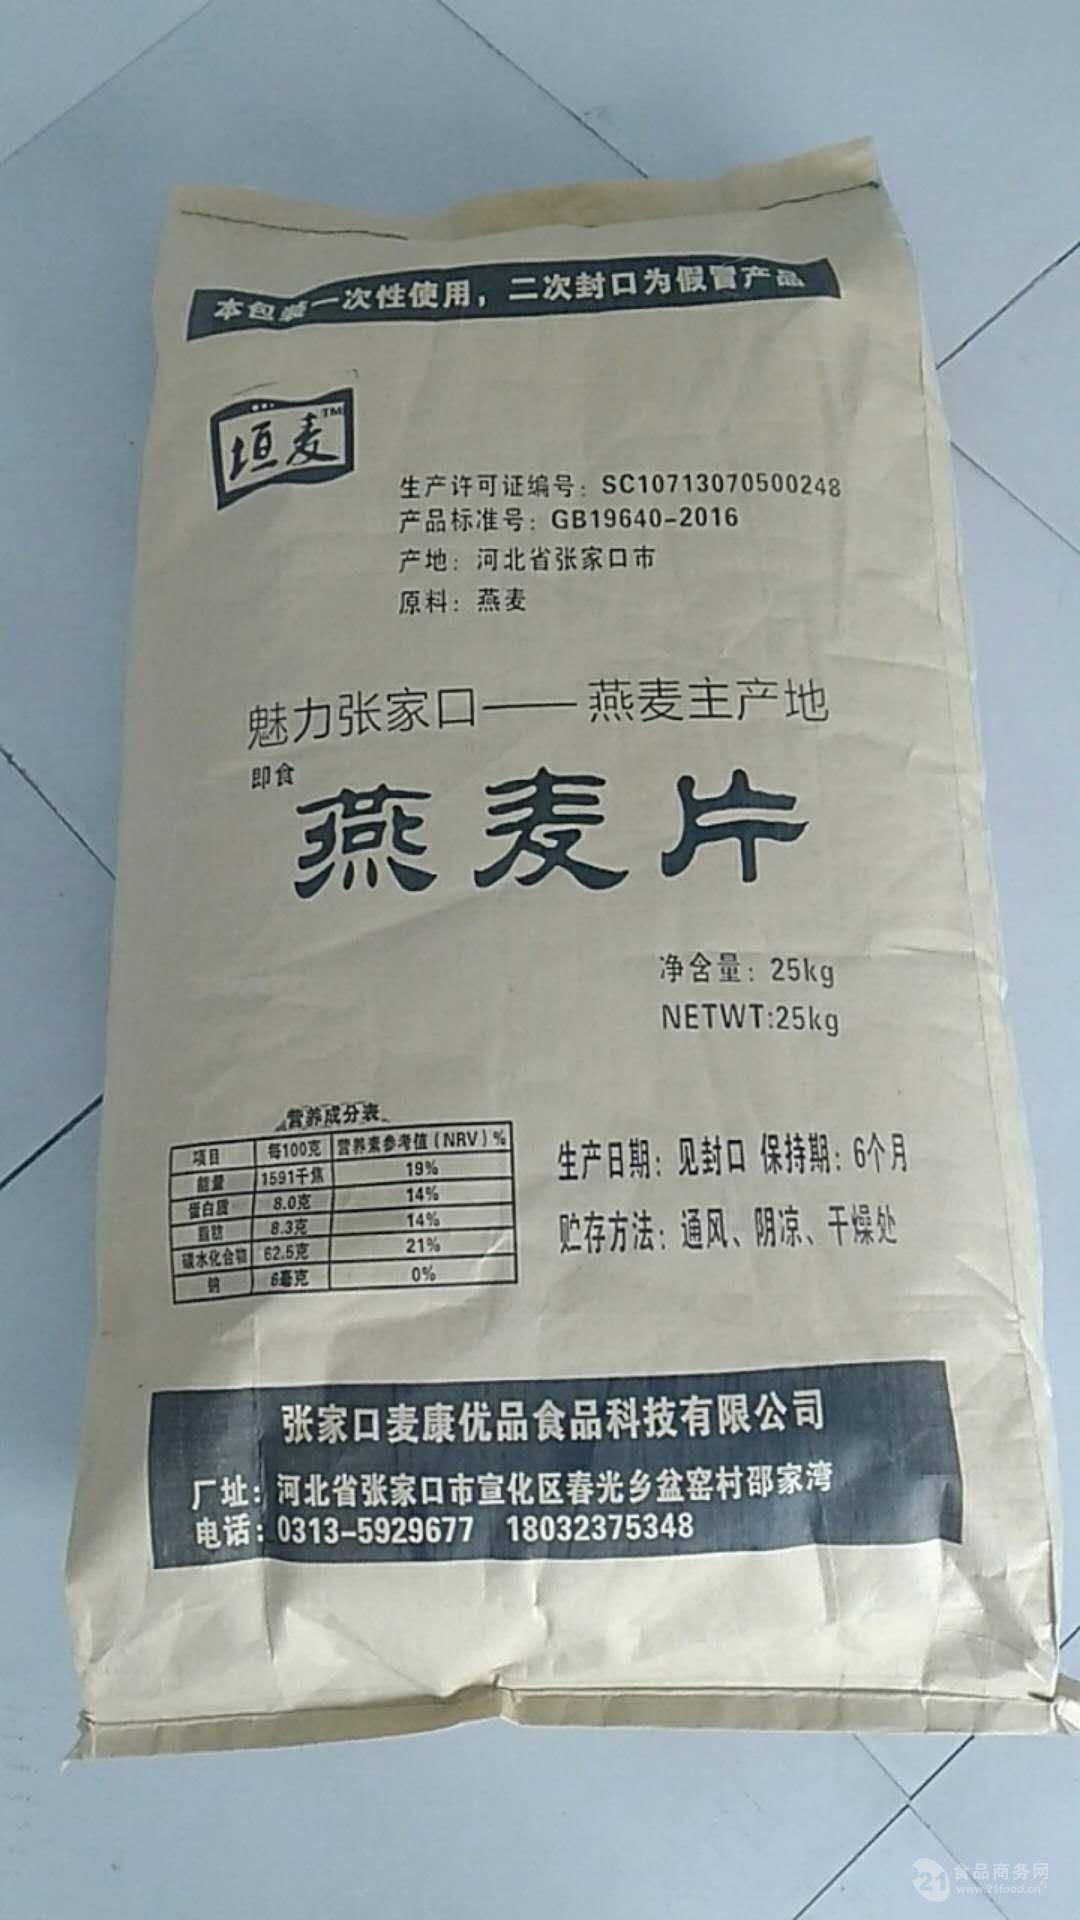 张家口麦康优品食品科技有限公司招商